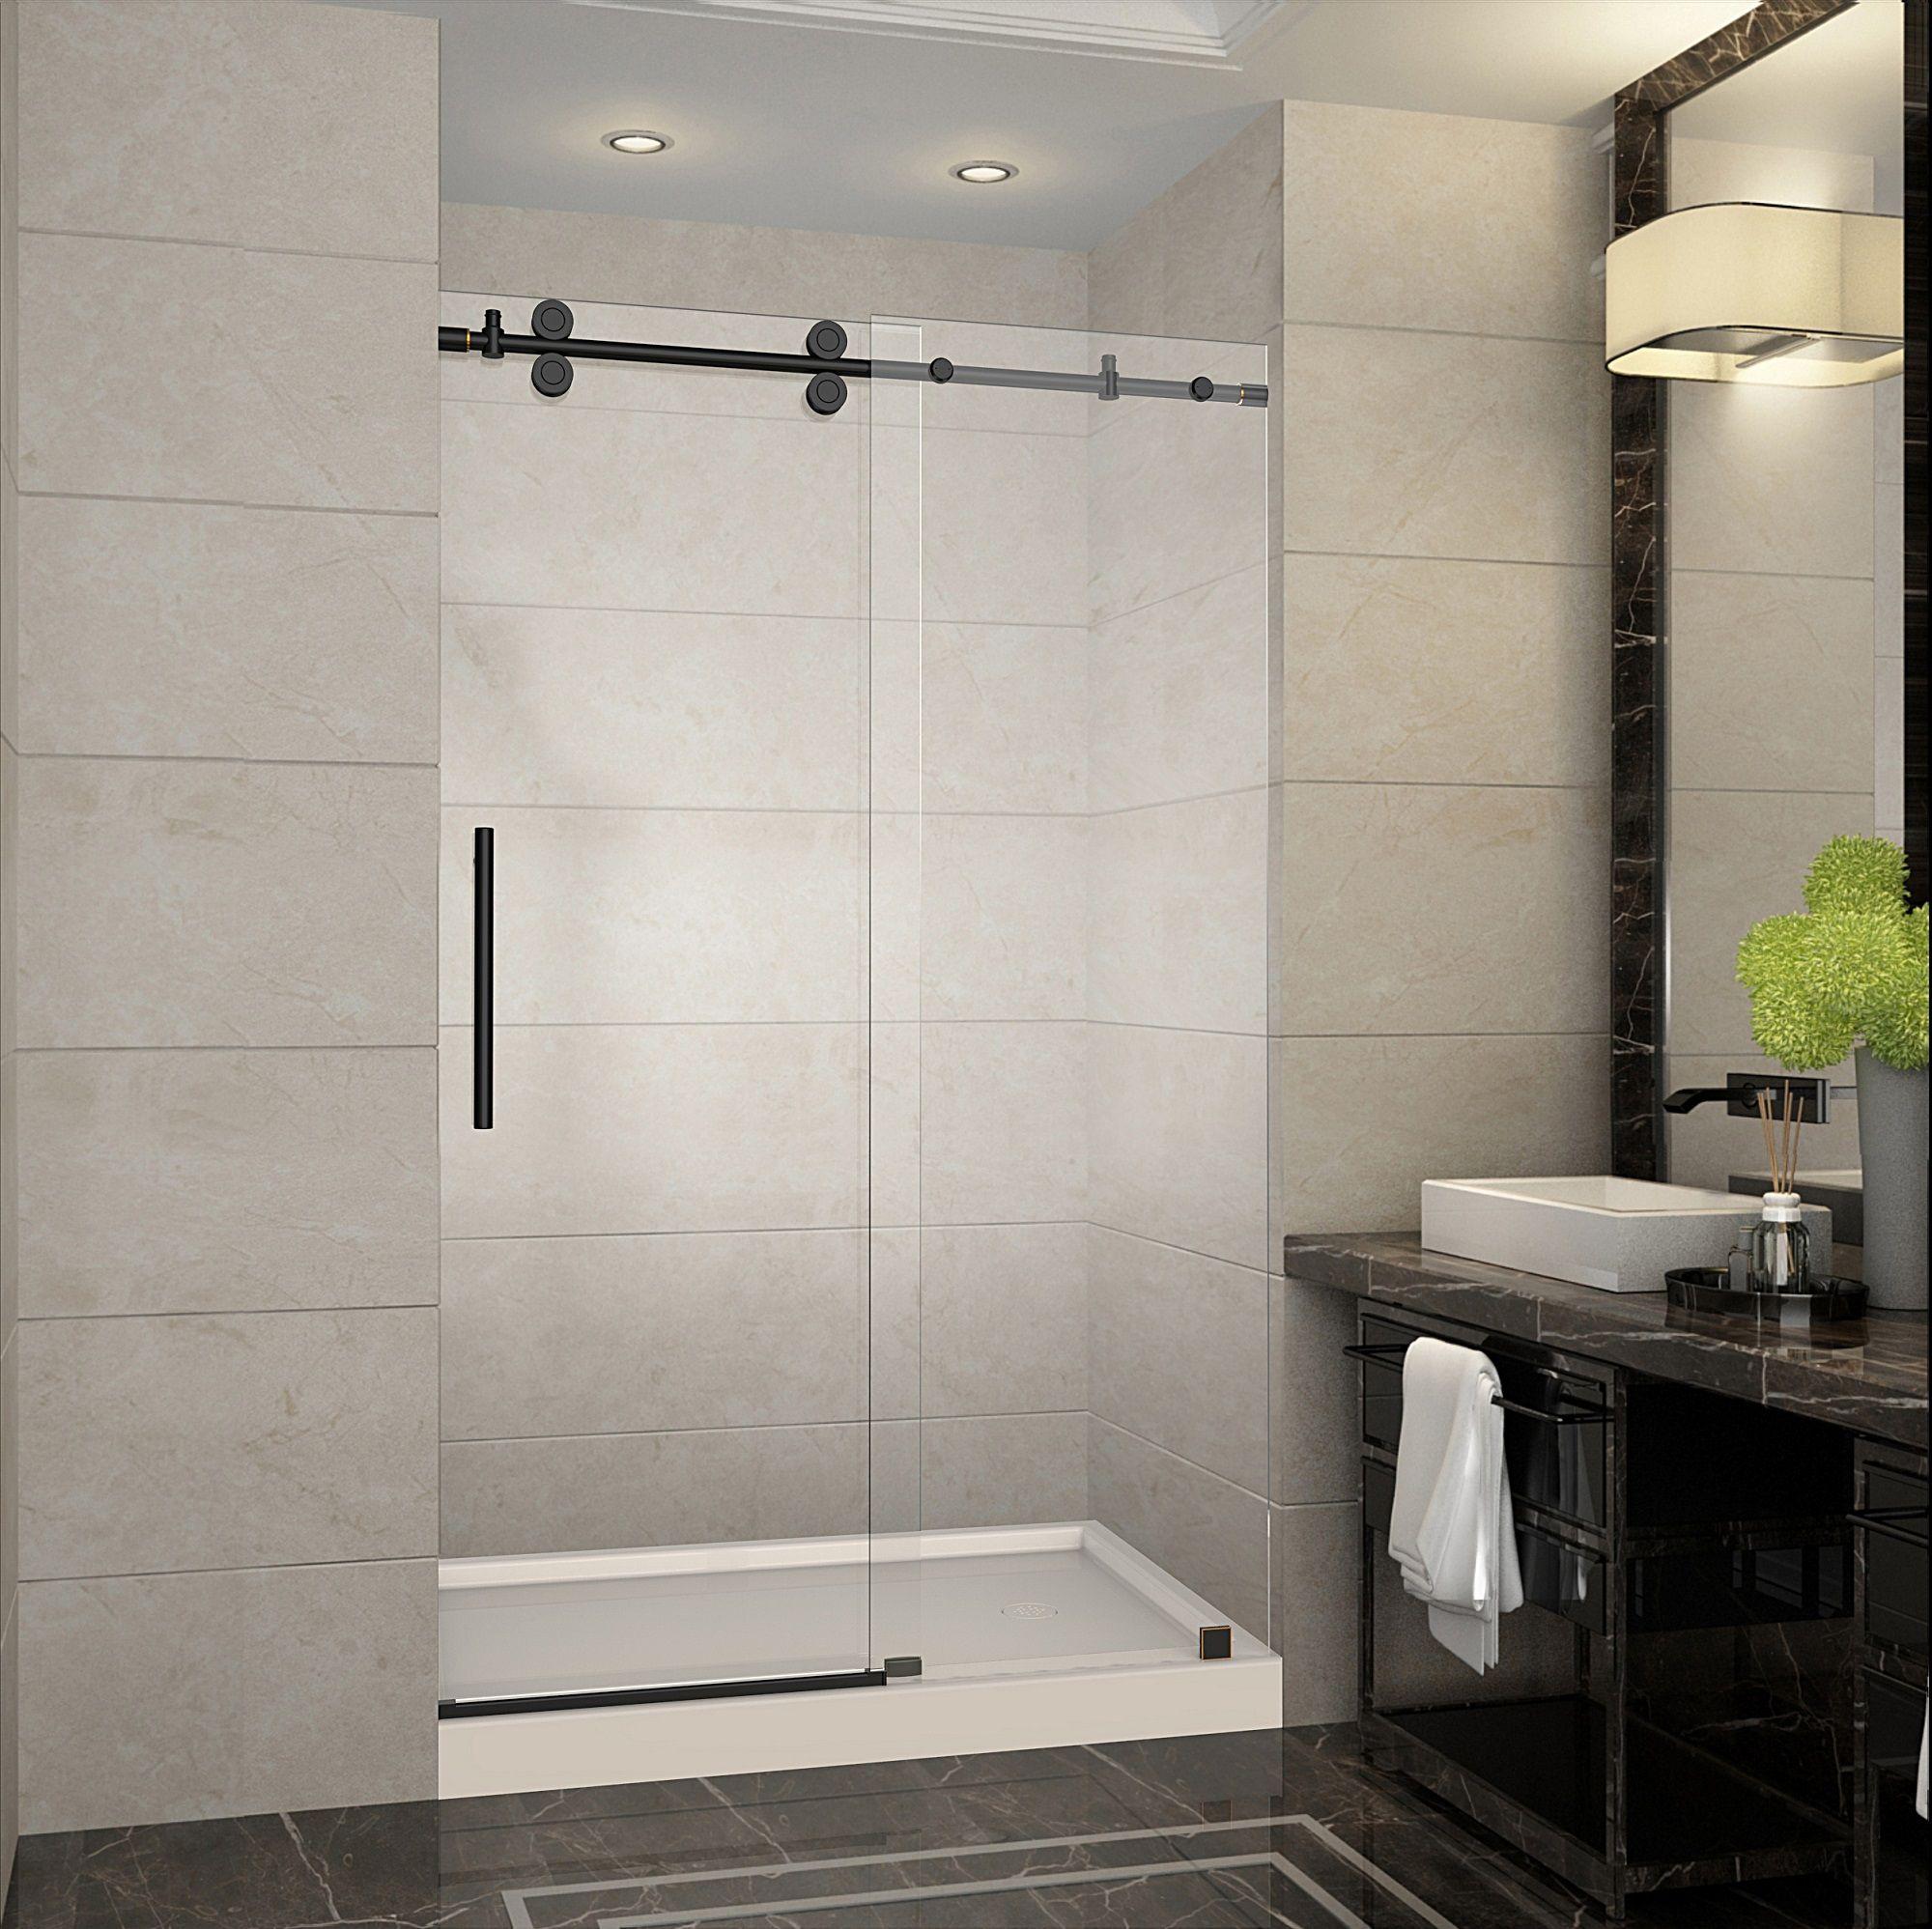 langham 48 completely frameless sliding shower door in oil rubbed bronze with left base